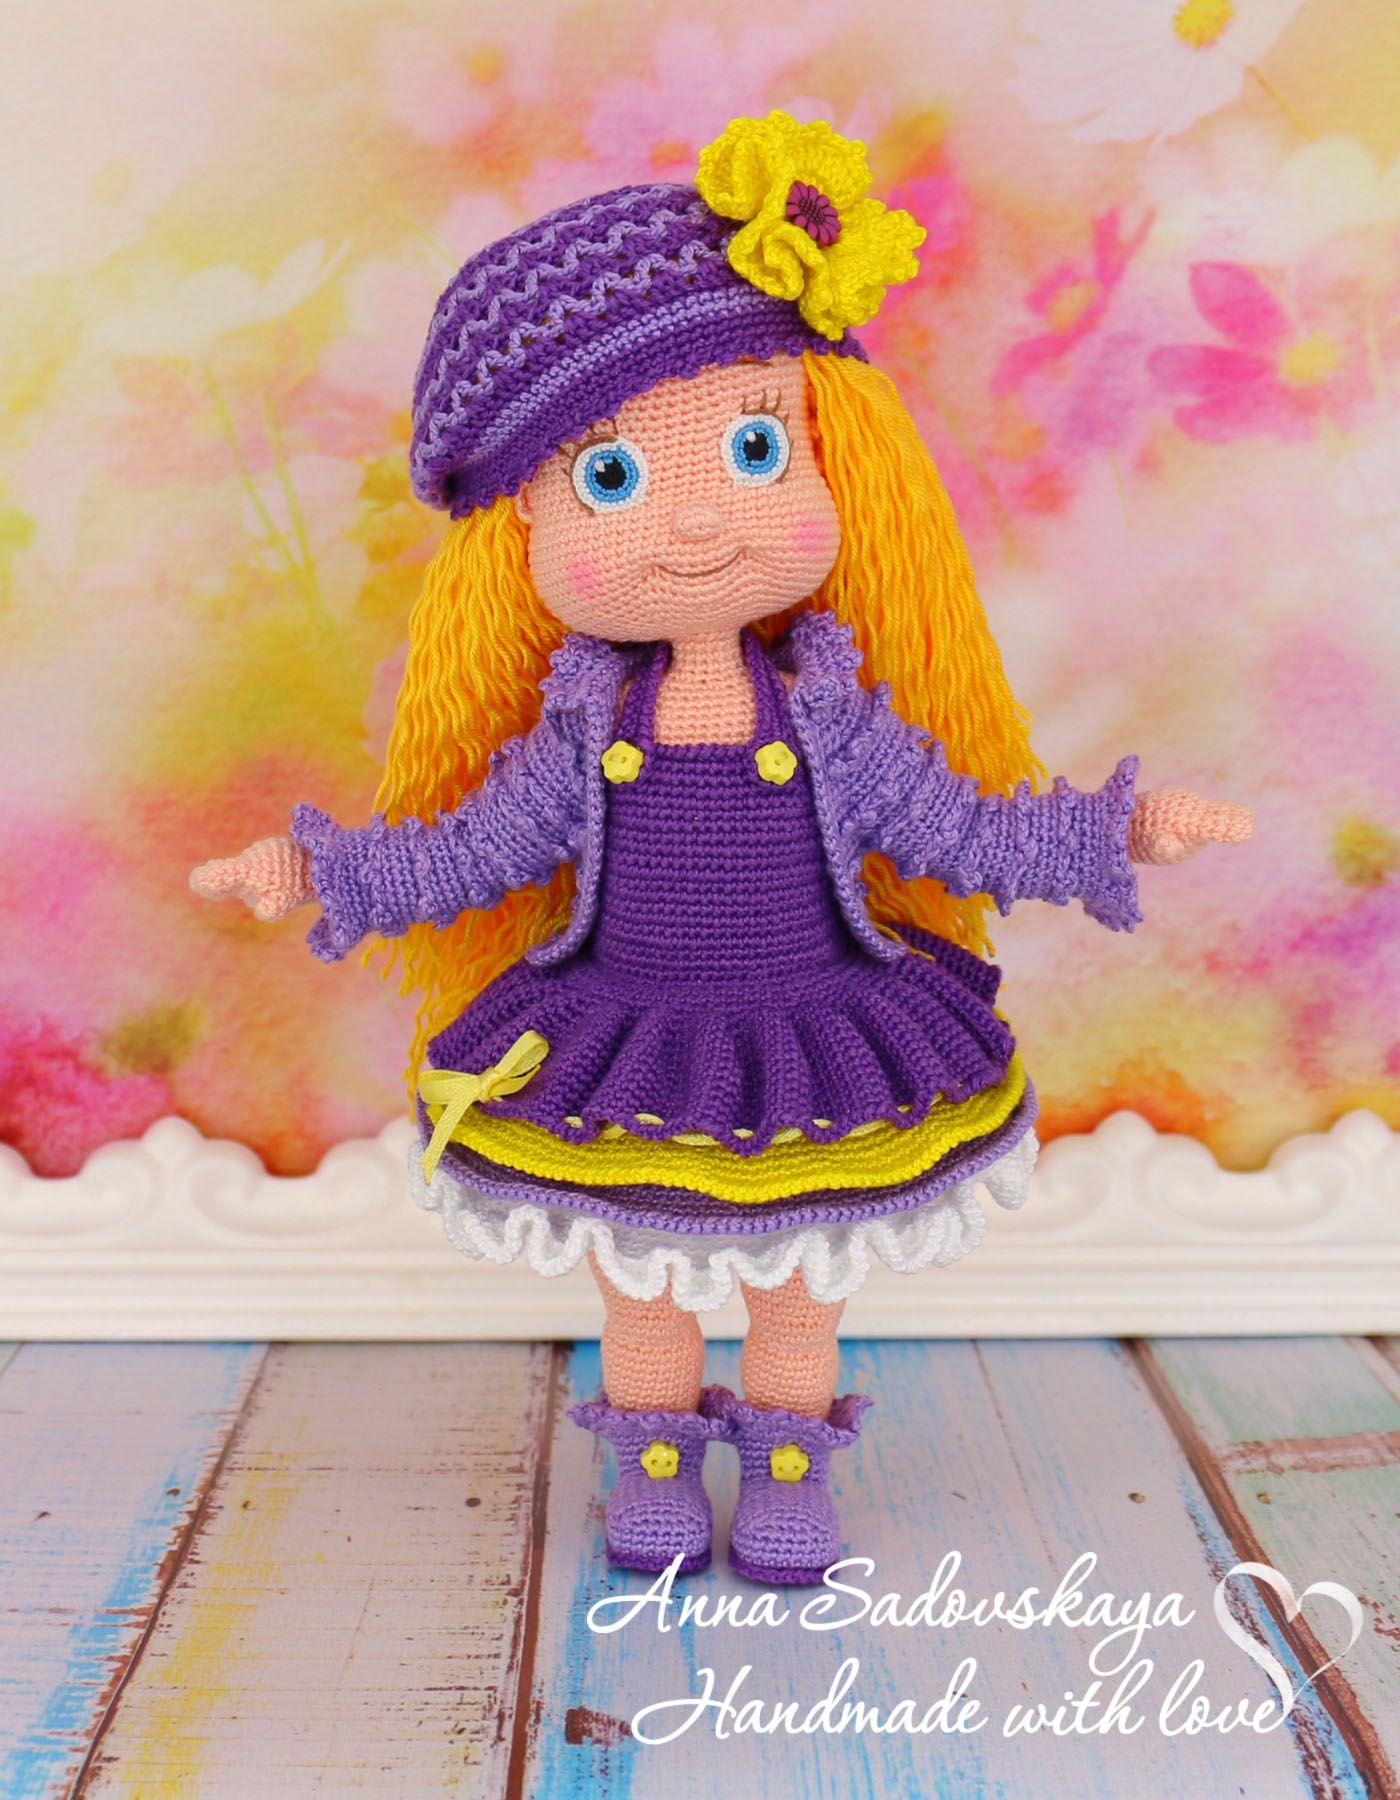 Виолетта. Мастер-класс по вязанию крючком | lovely doll | Pinterest ...